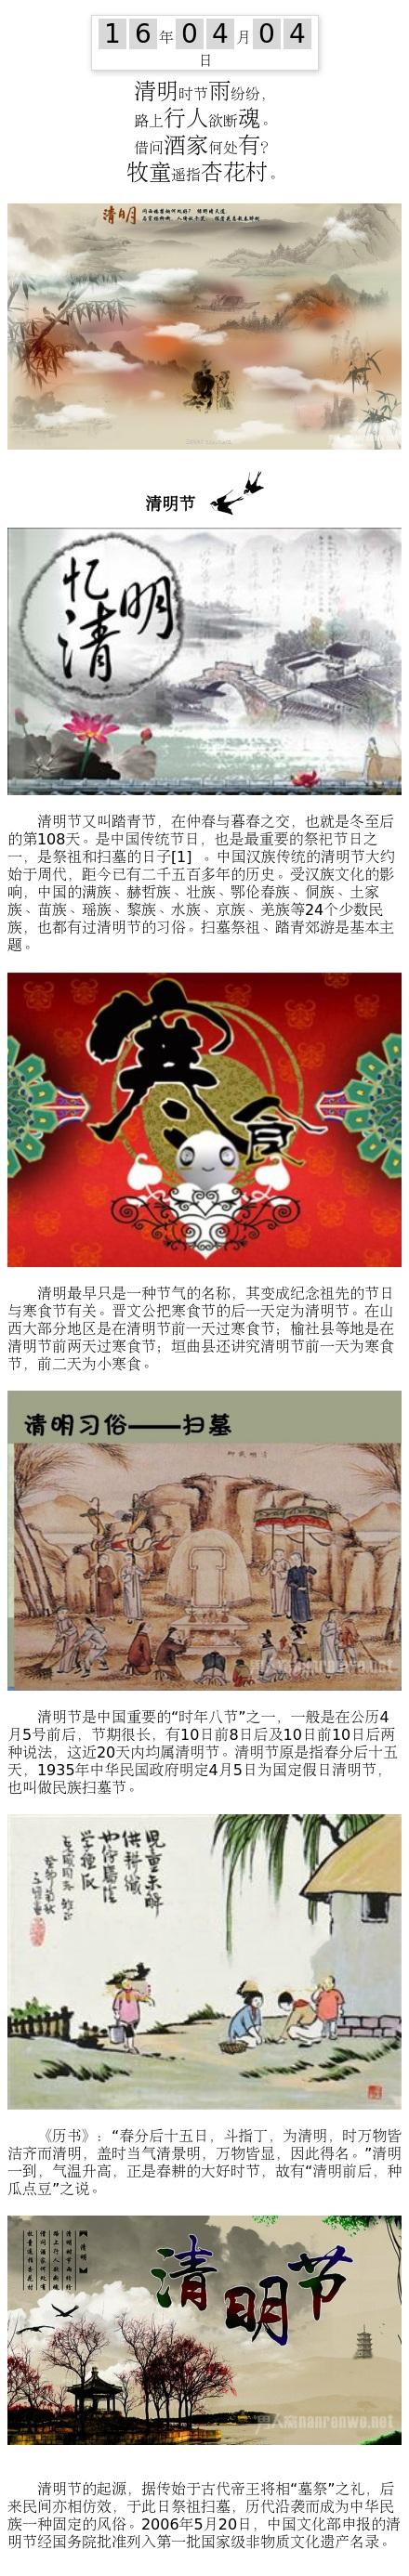 清明节、水墨中国风微信文章模板